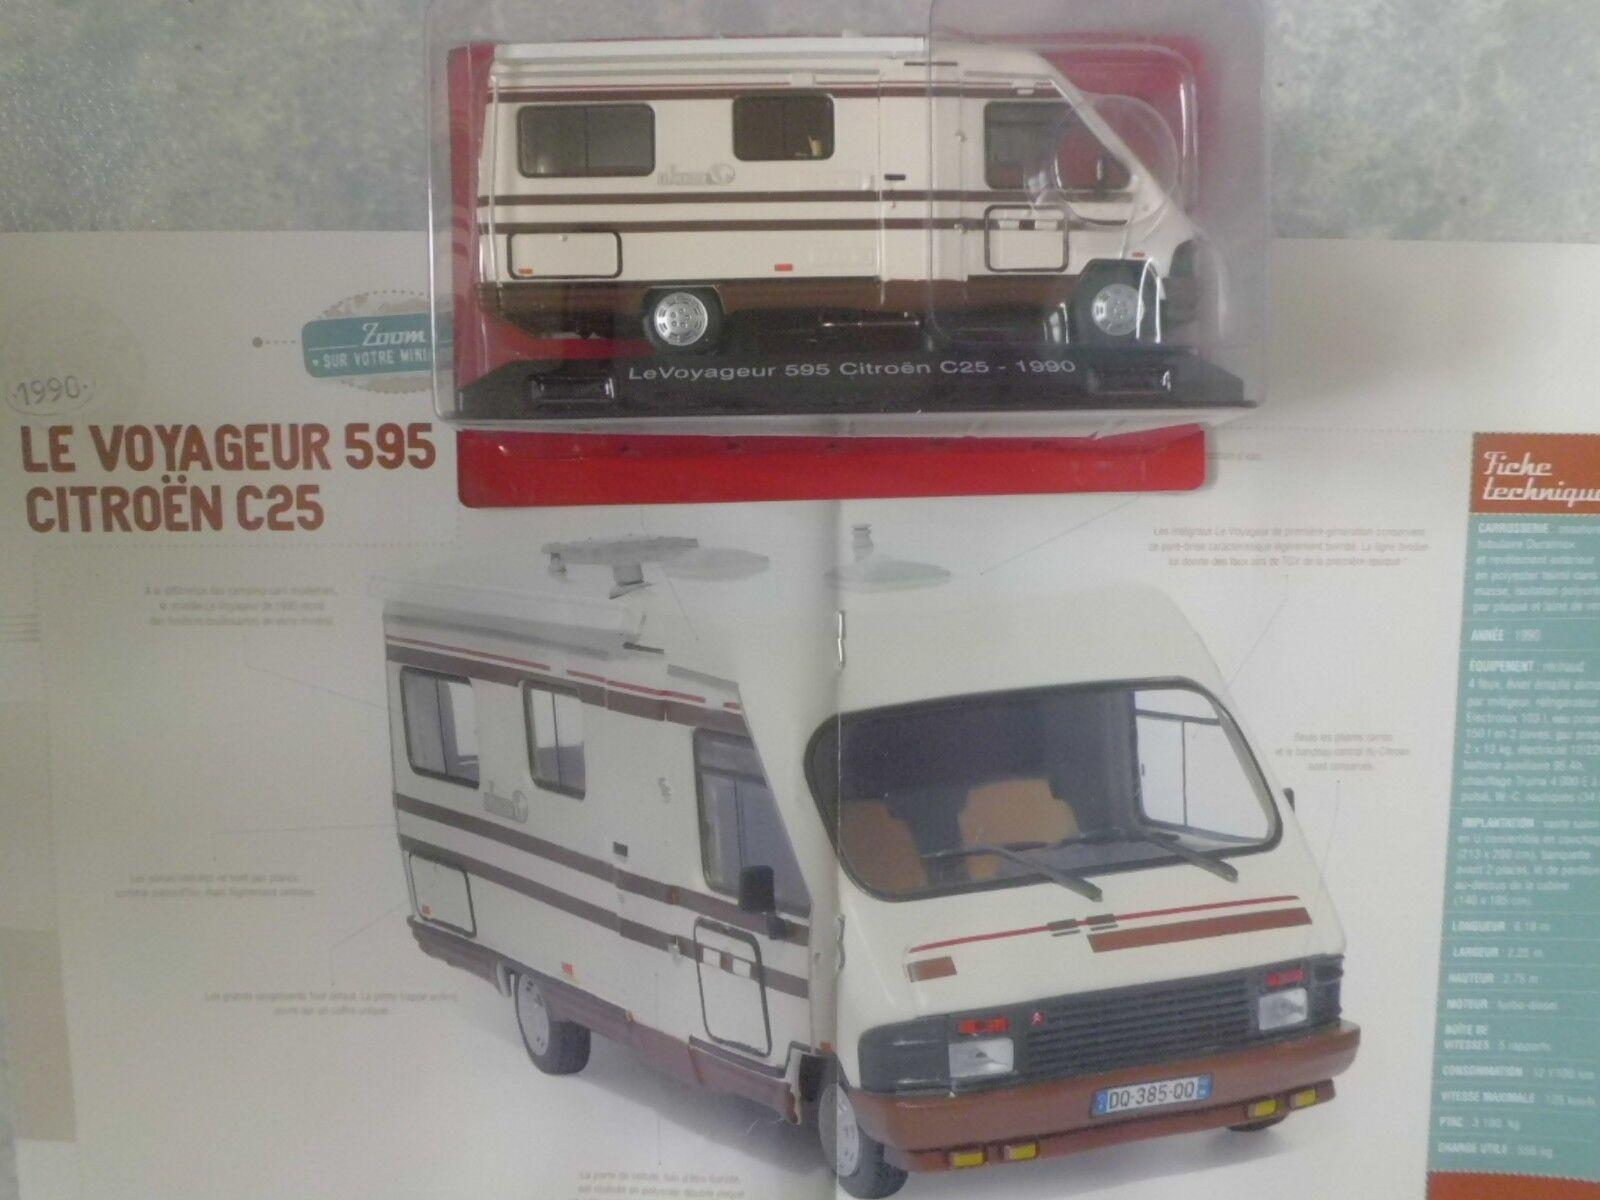 CAMPING-CARS FRANÇAIS  LE CITROËN C25 VOYAG  (1990)-(1 43éme).